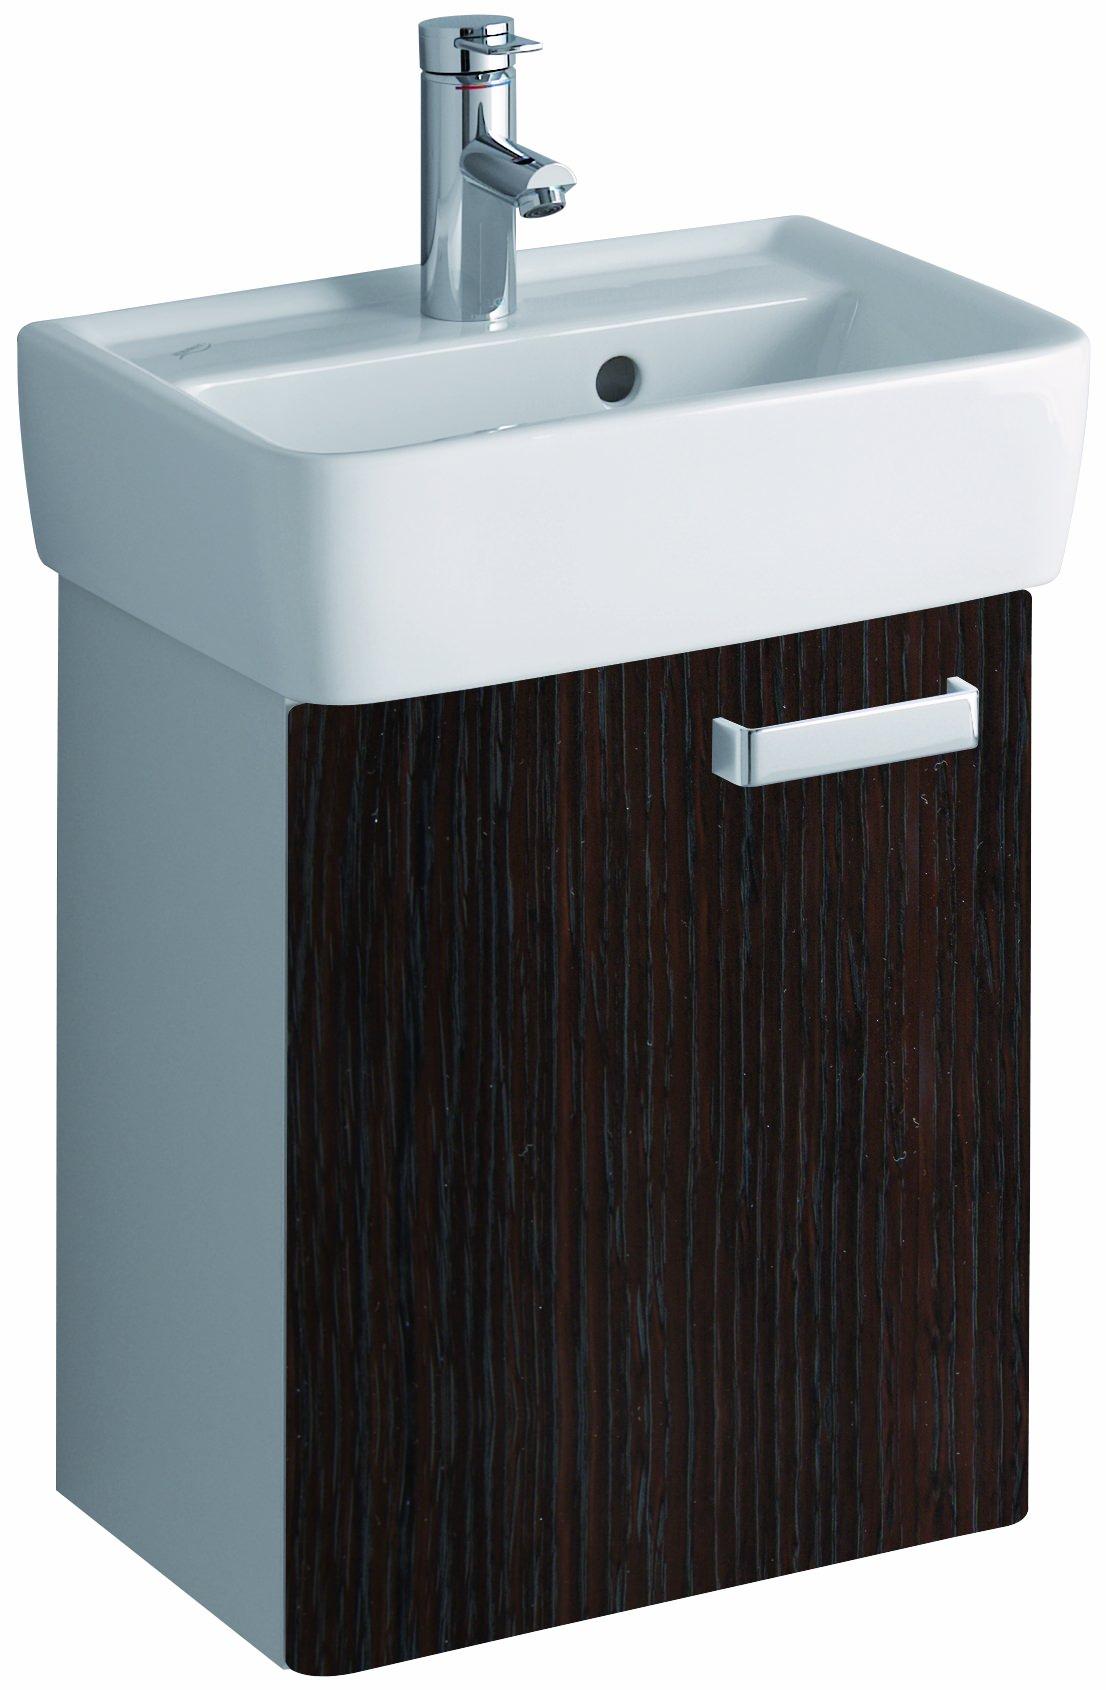 keramag t r in wenge zu renova plan waschtischunterschrank 879343 597681000. Black Bedroom Furniture Sets. Home Design Ideas